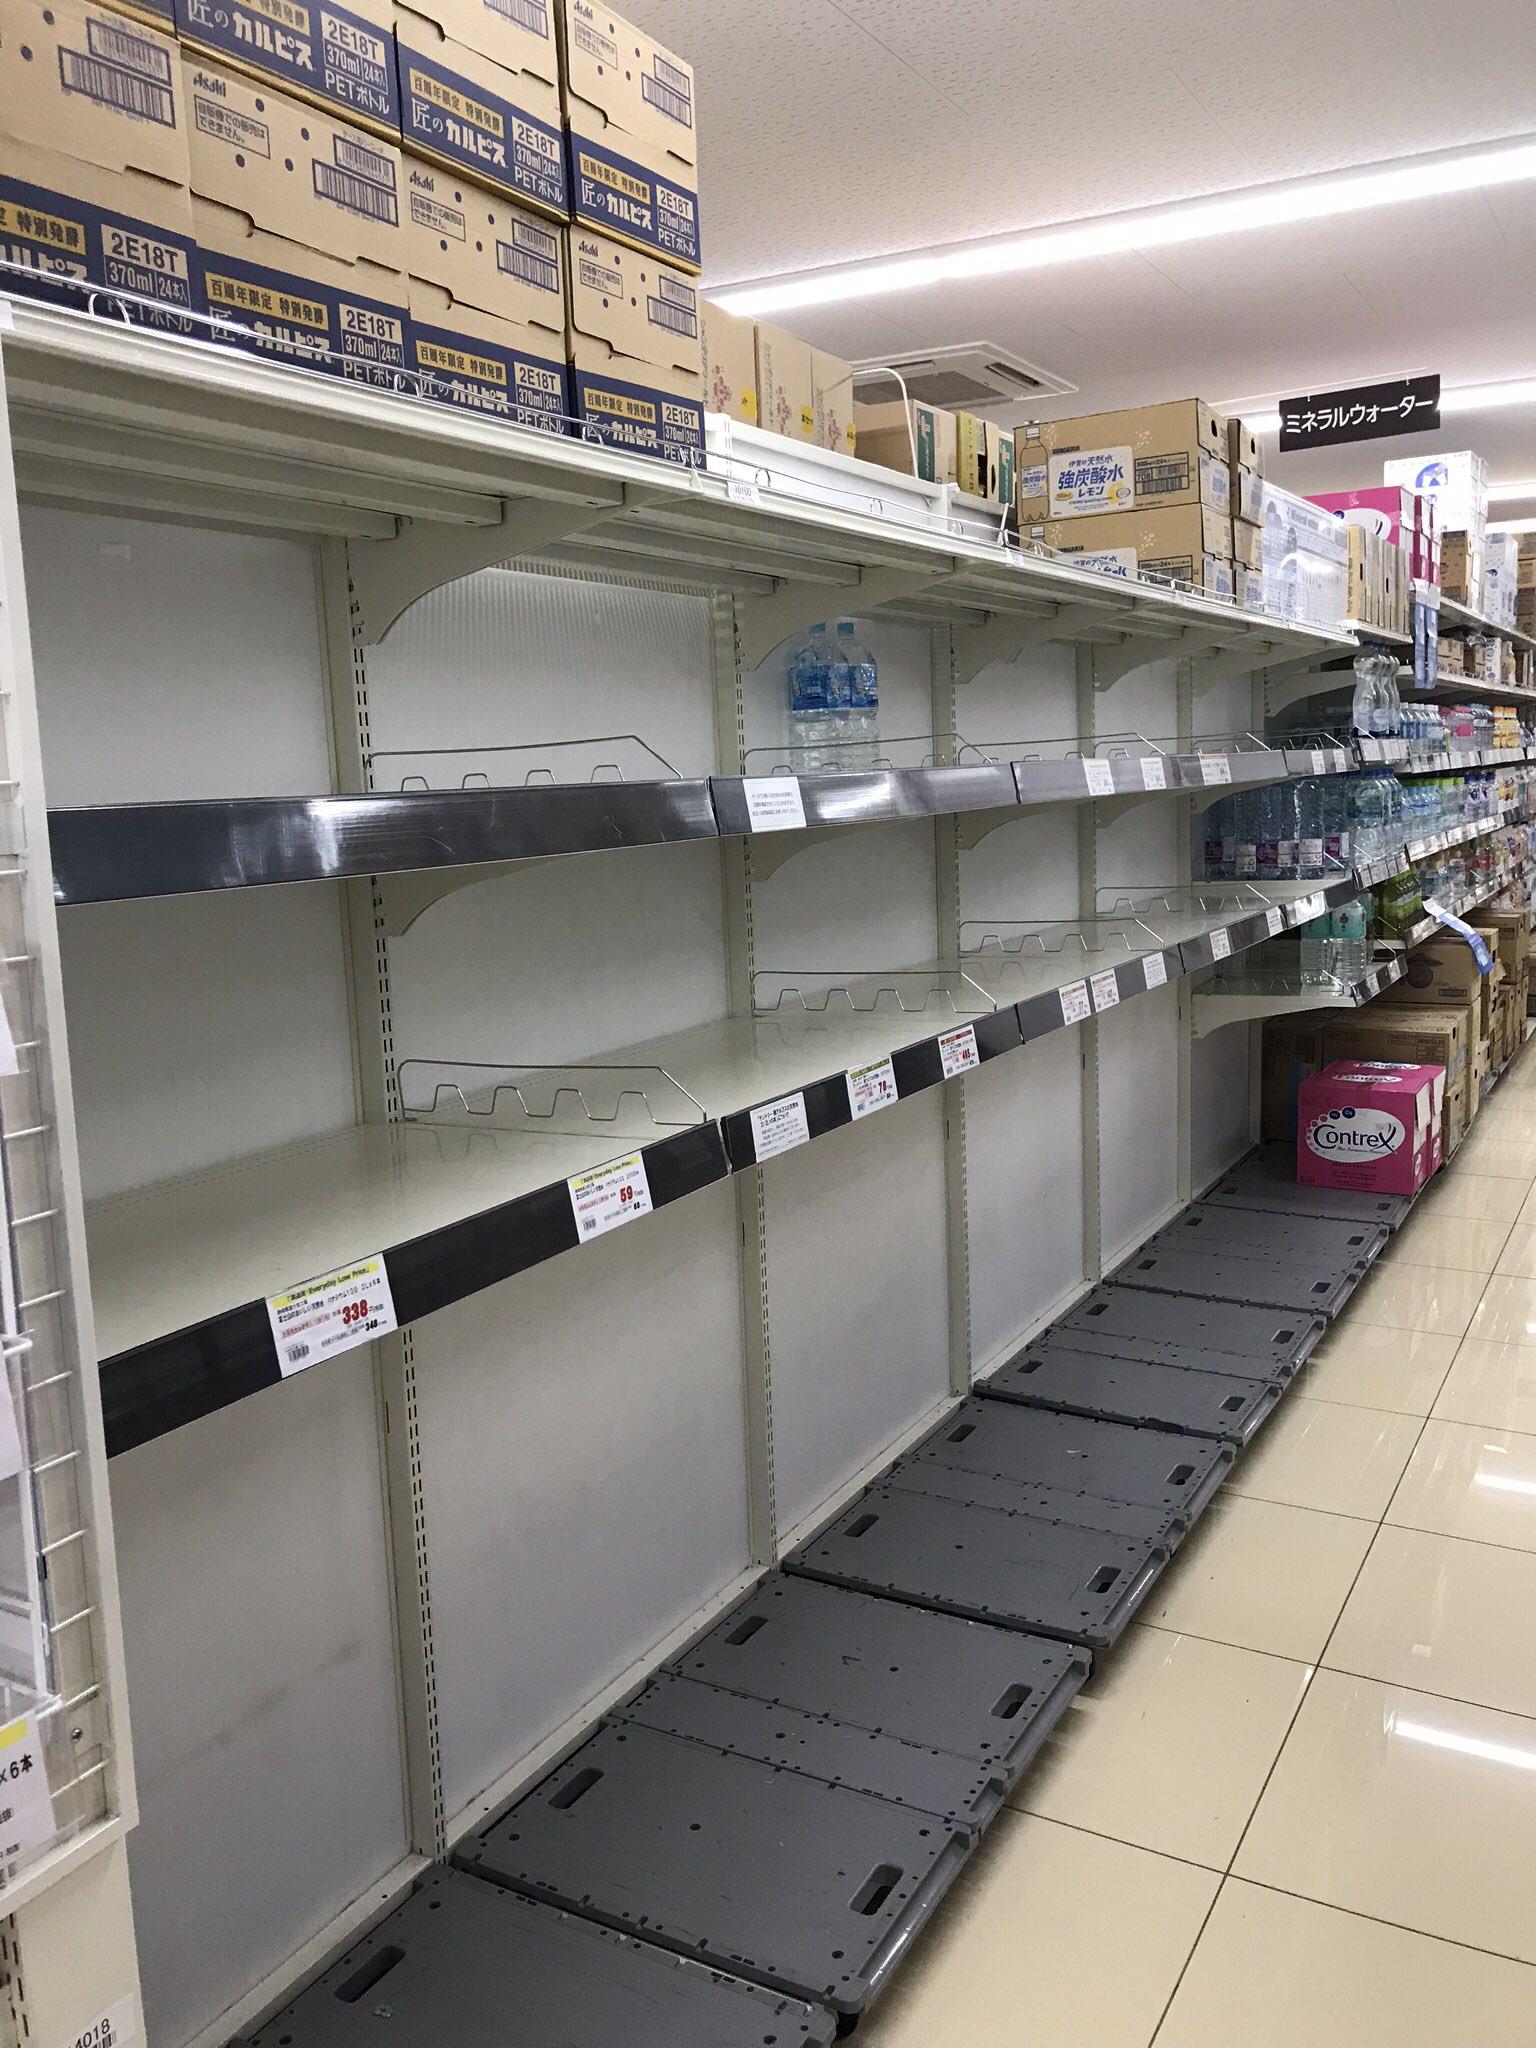 画像,自宅(千葉県)近所スーパーの水売り場を見て怖い。前回の台風は大丈夫だったけど今度はうちも…#台風対策#台風19号 https://t.co/Vjeh2B5SVX…